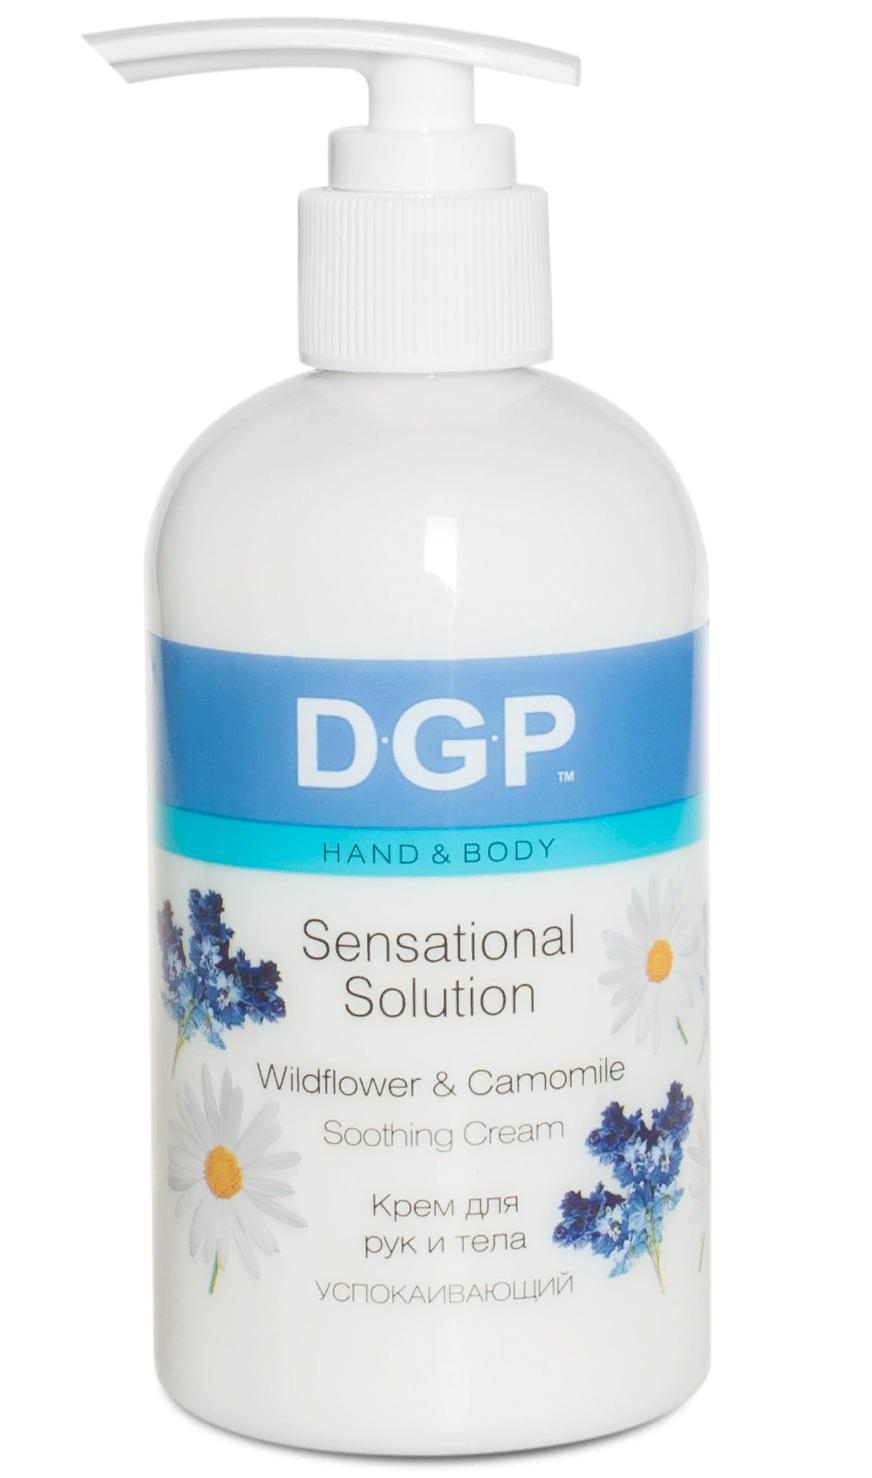 DOMIX Крем успокаивающий для рук и тела / Sensational Solution DGP 260 мл